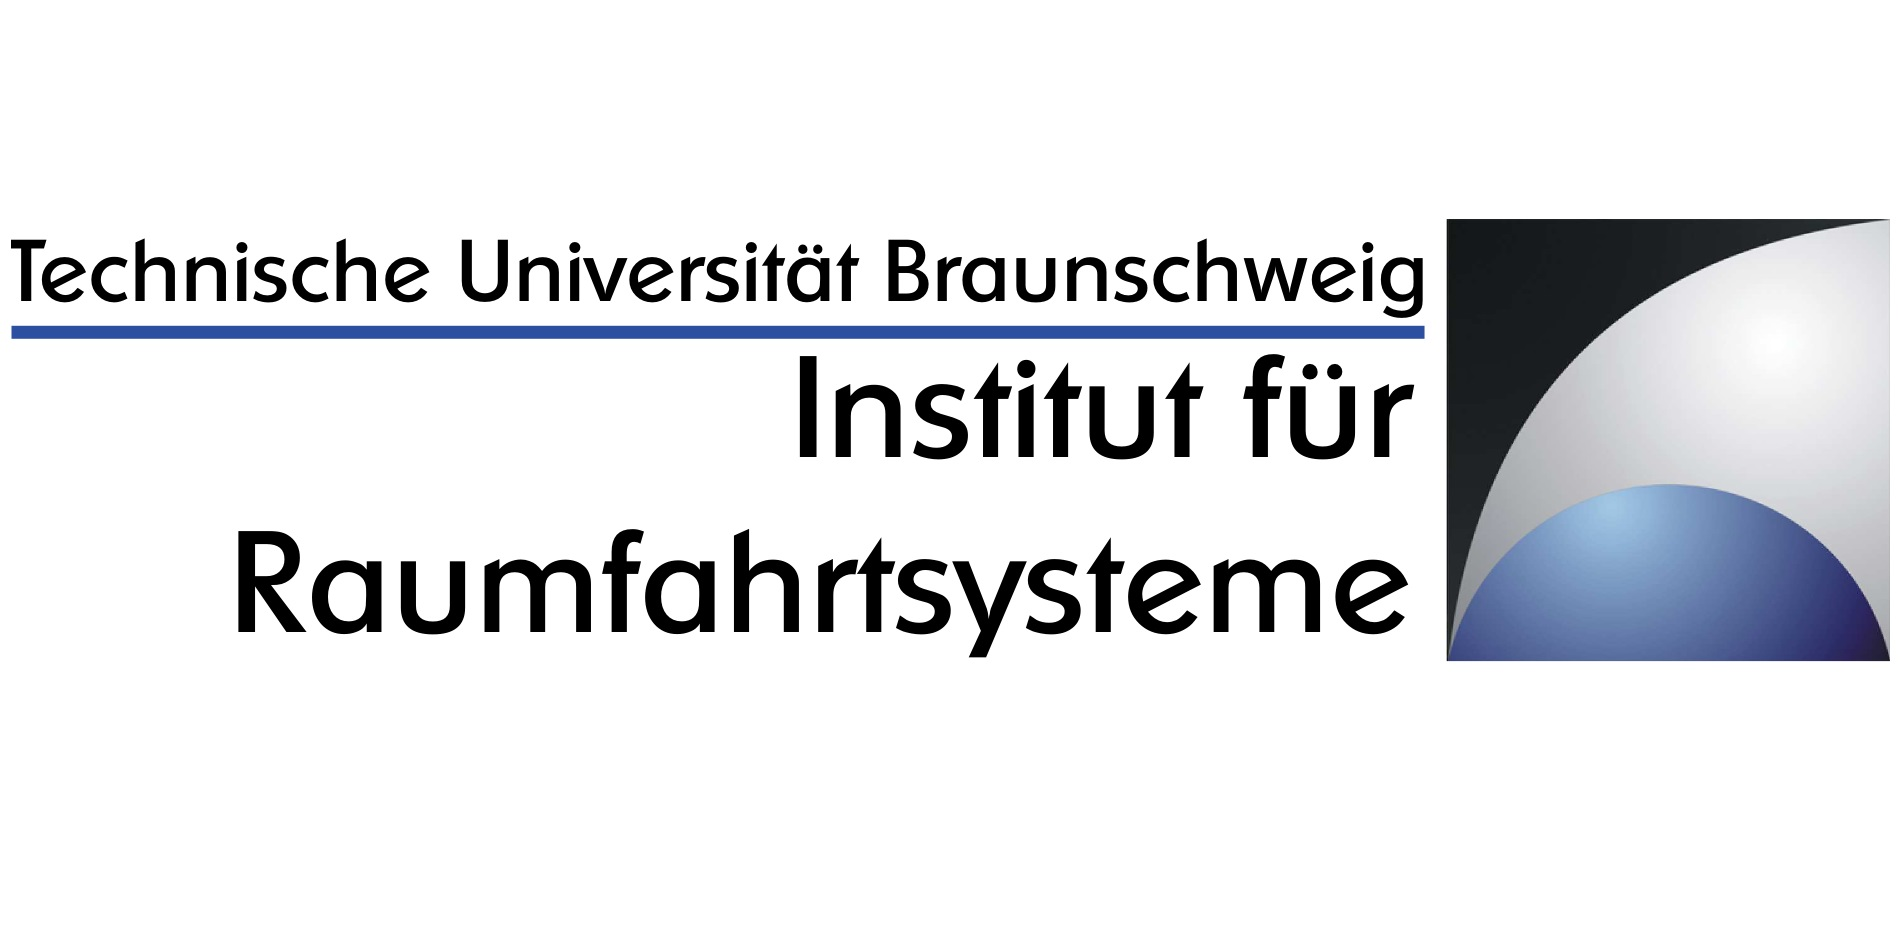 TU Braunschweig - Institut für Raumfahrtsysteme